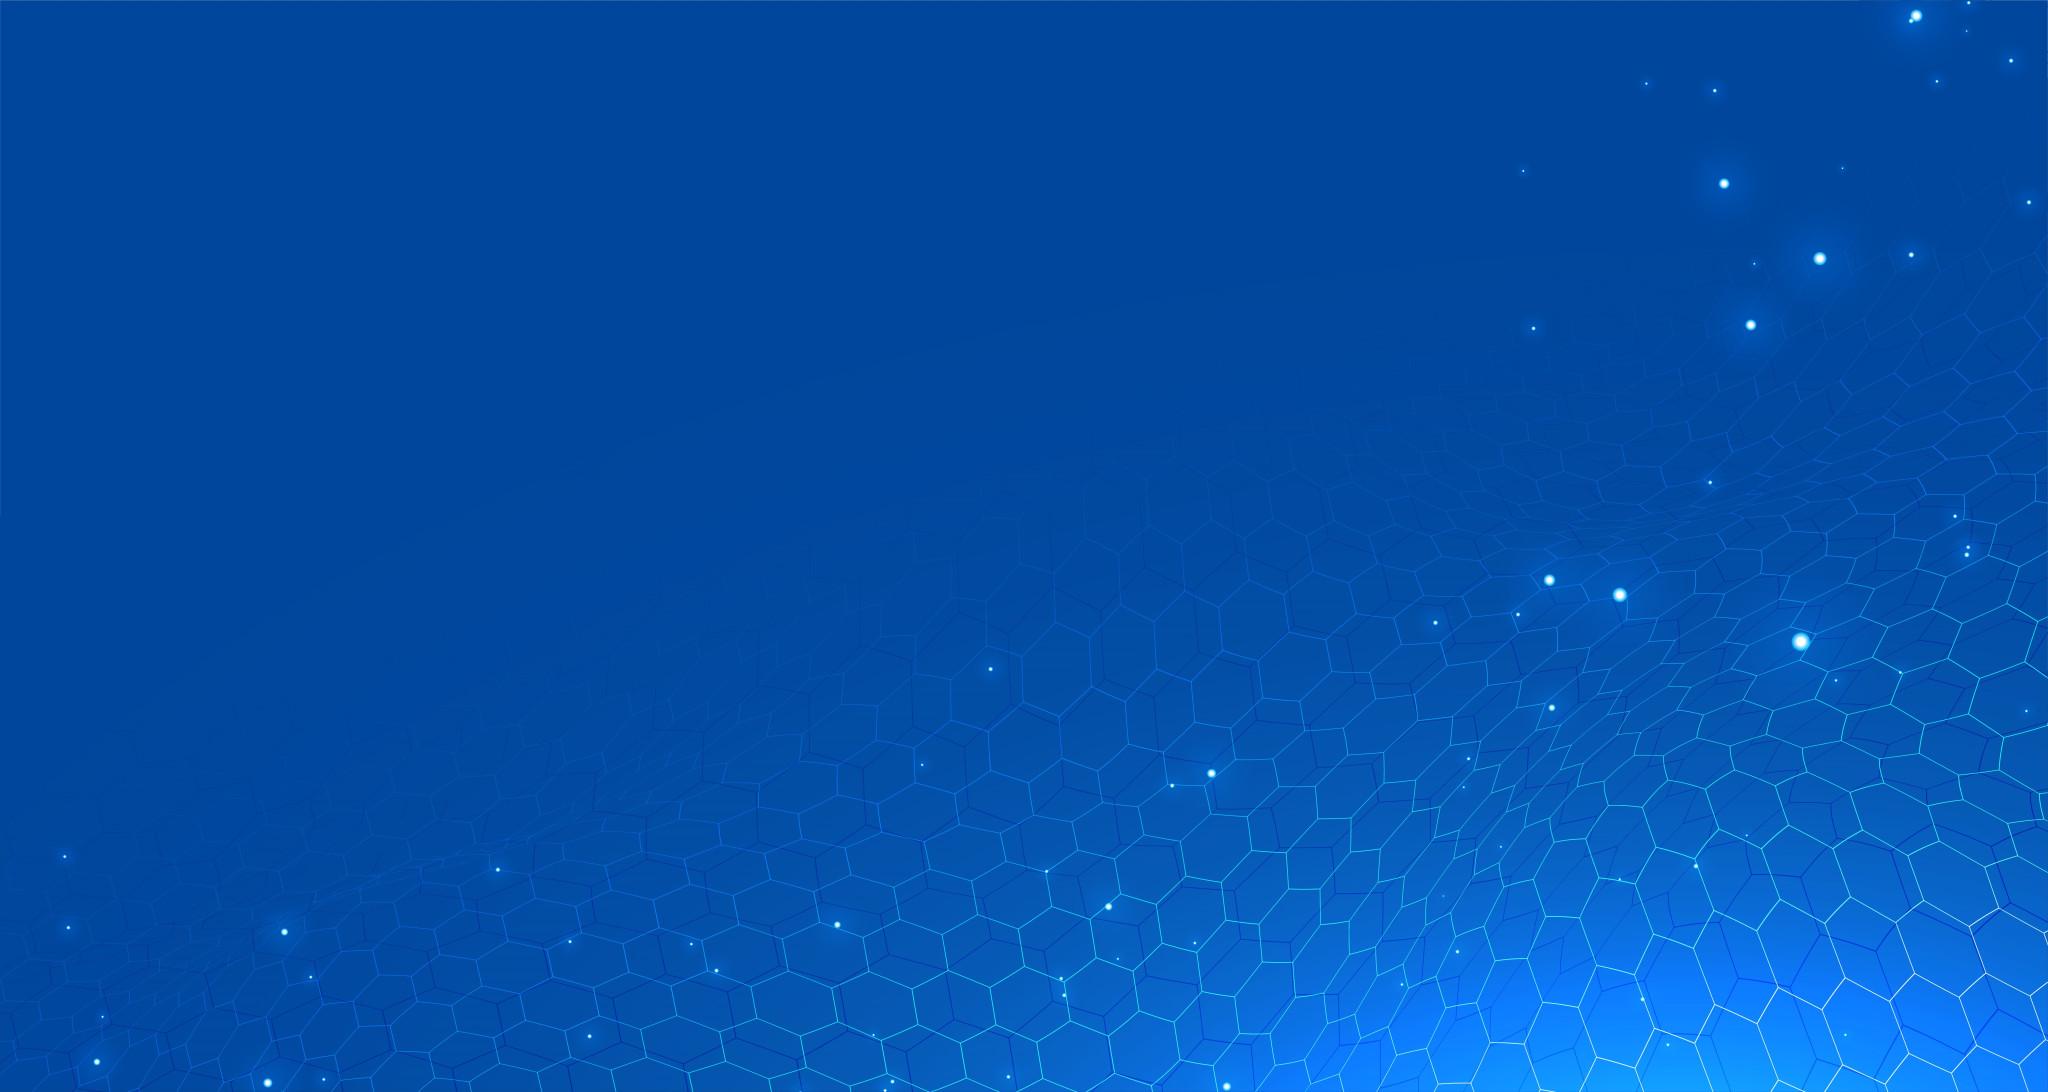 blue technology hexagonal background design